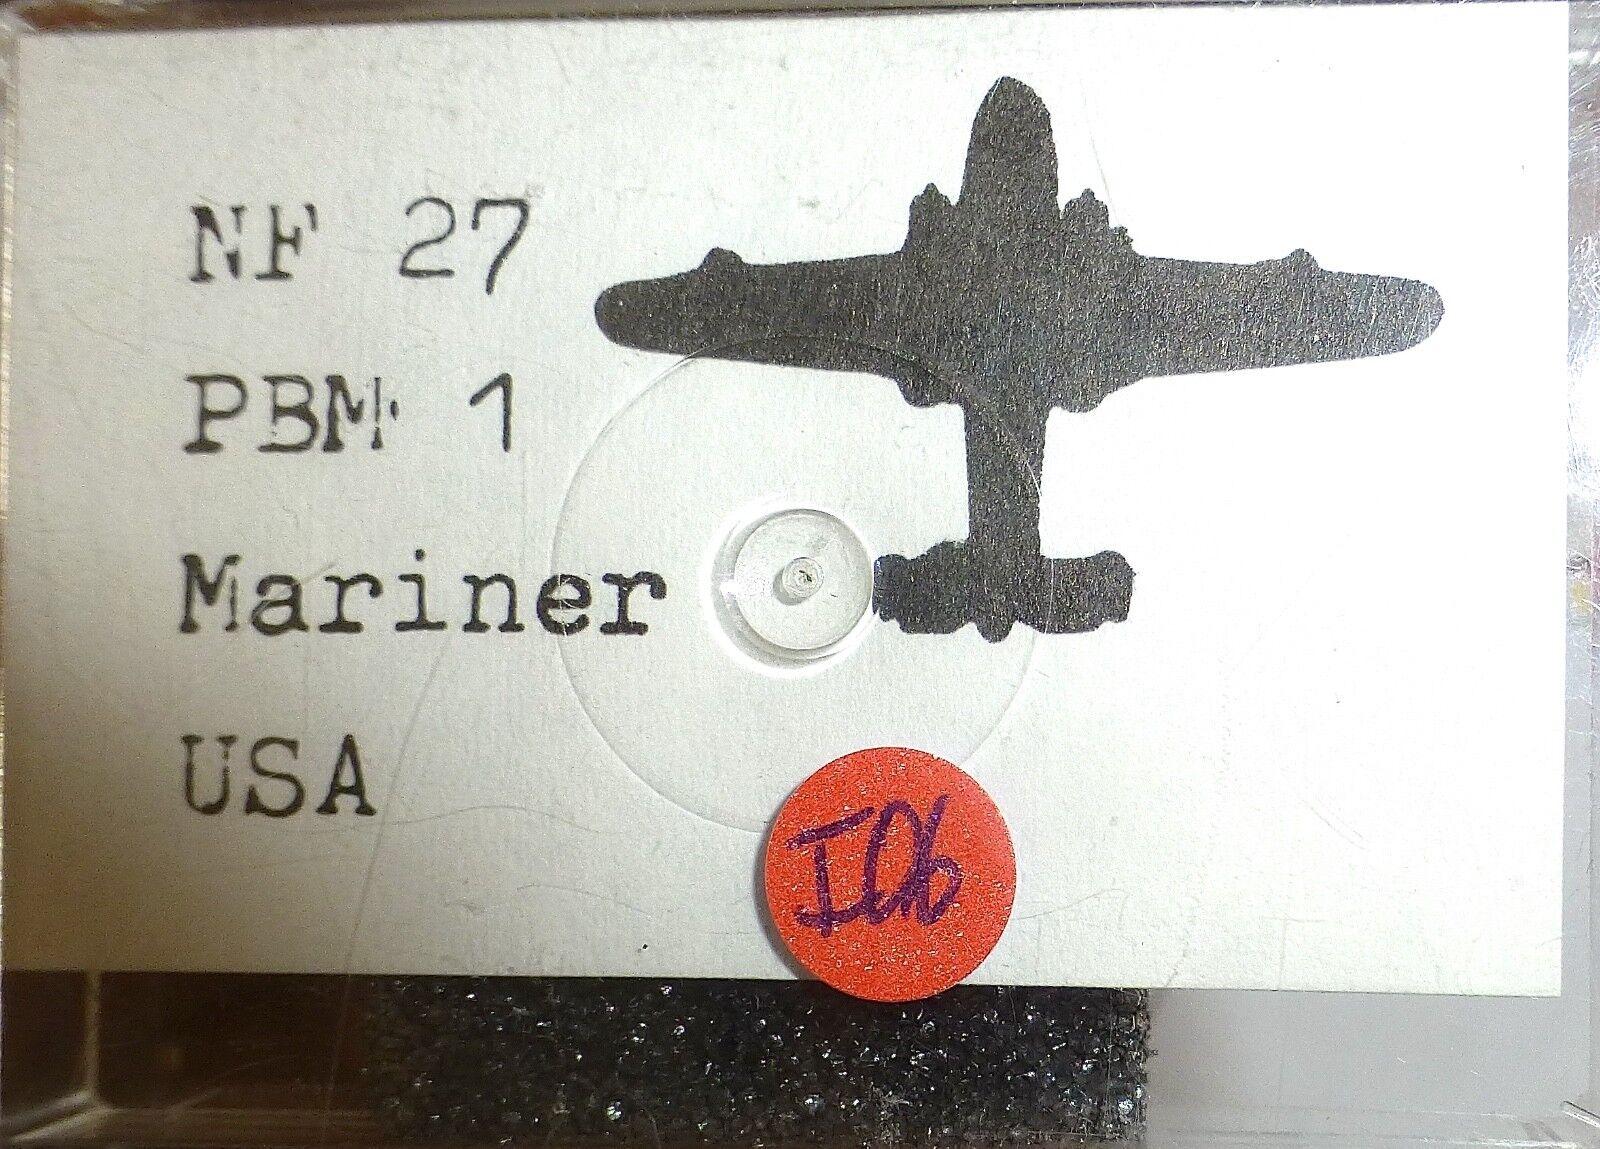 Nf Nf Nf 27 Pbm 1 Mariner USA a Modello Barca 1 1250 SHPI06 Å b49fdd